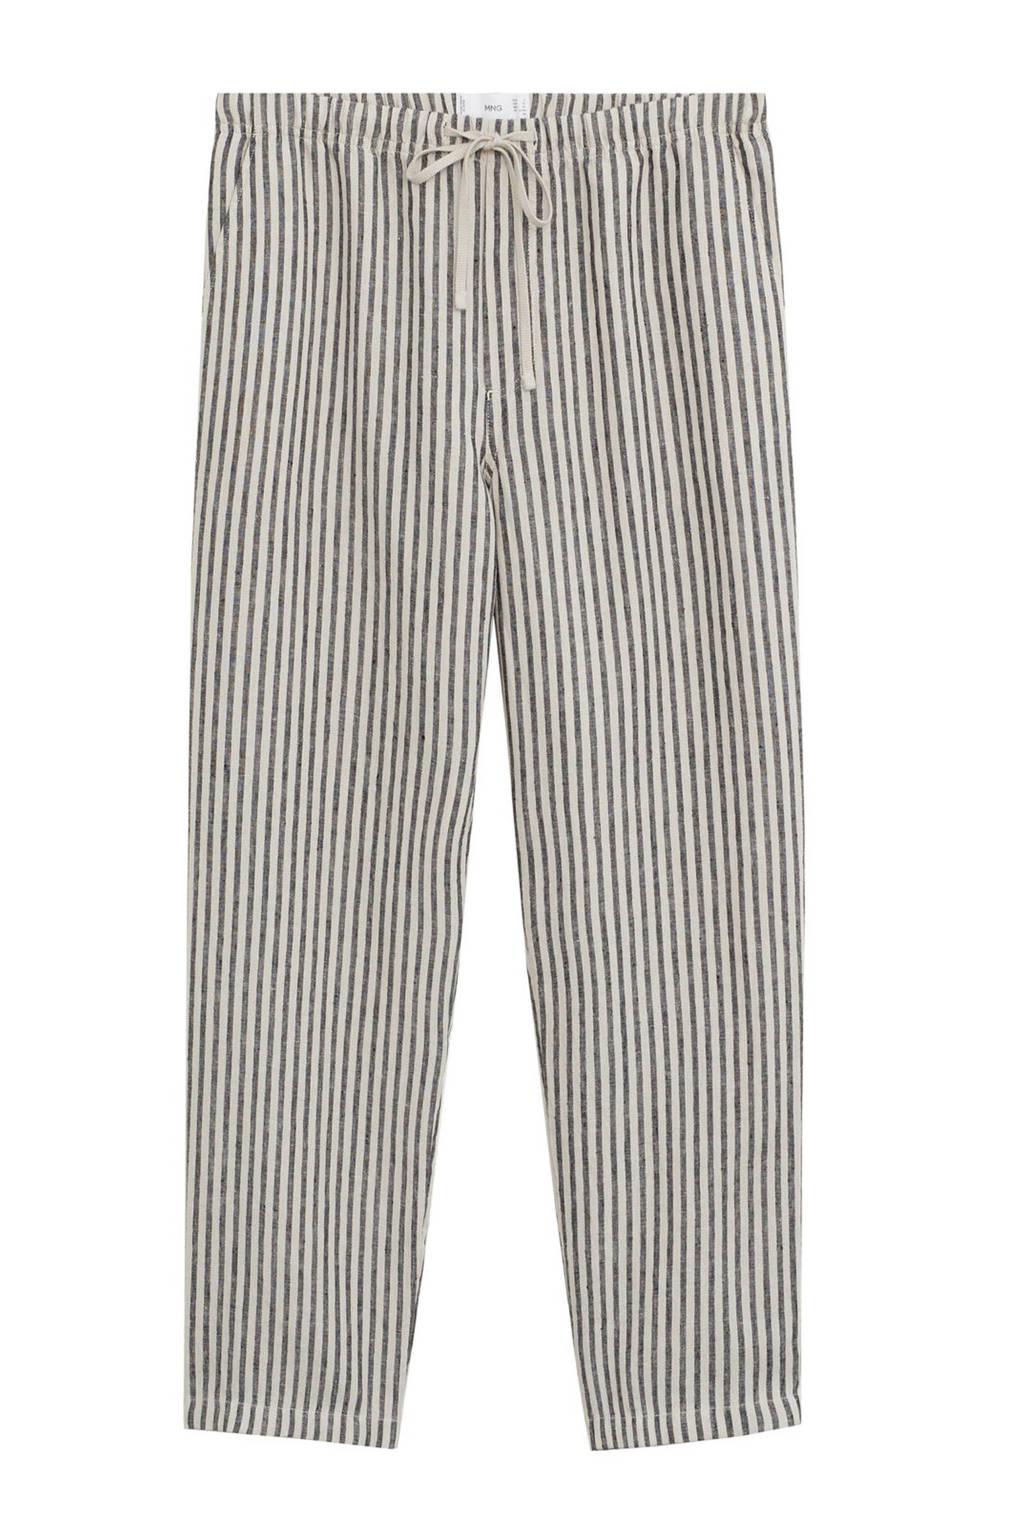 Mango linnen straight fit broek lichtbeige, Lichtbeige/ donkergrijs